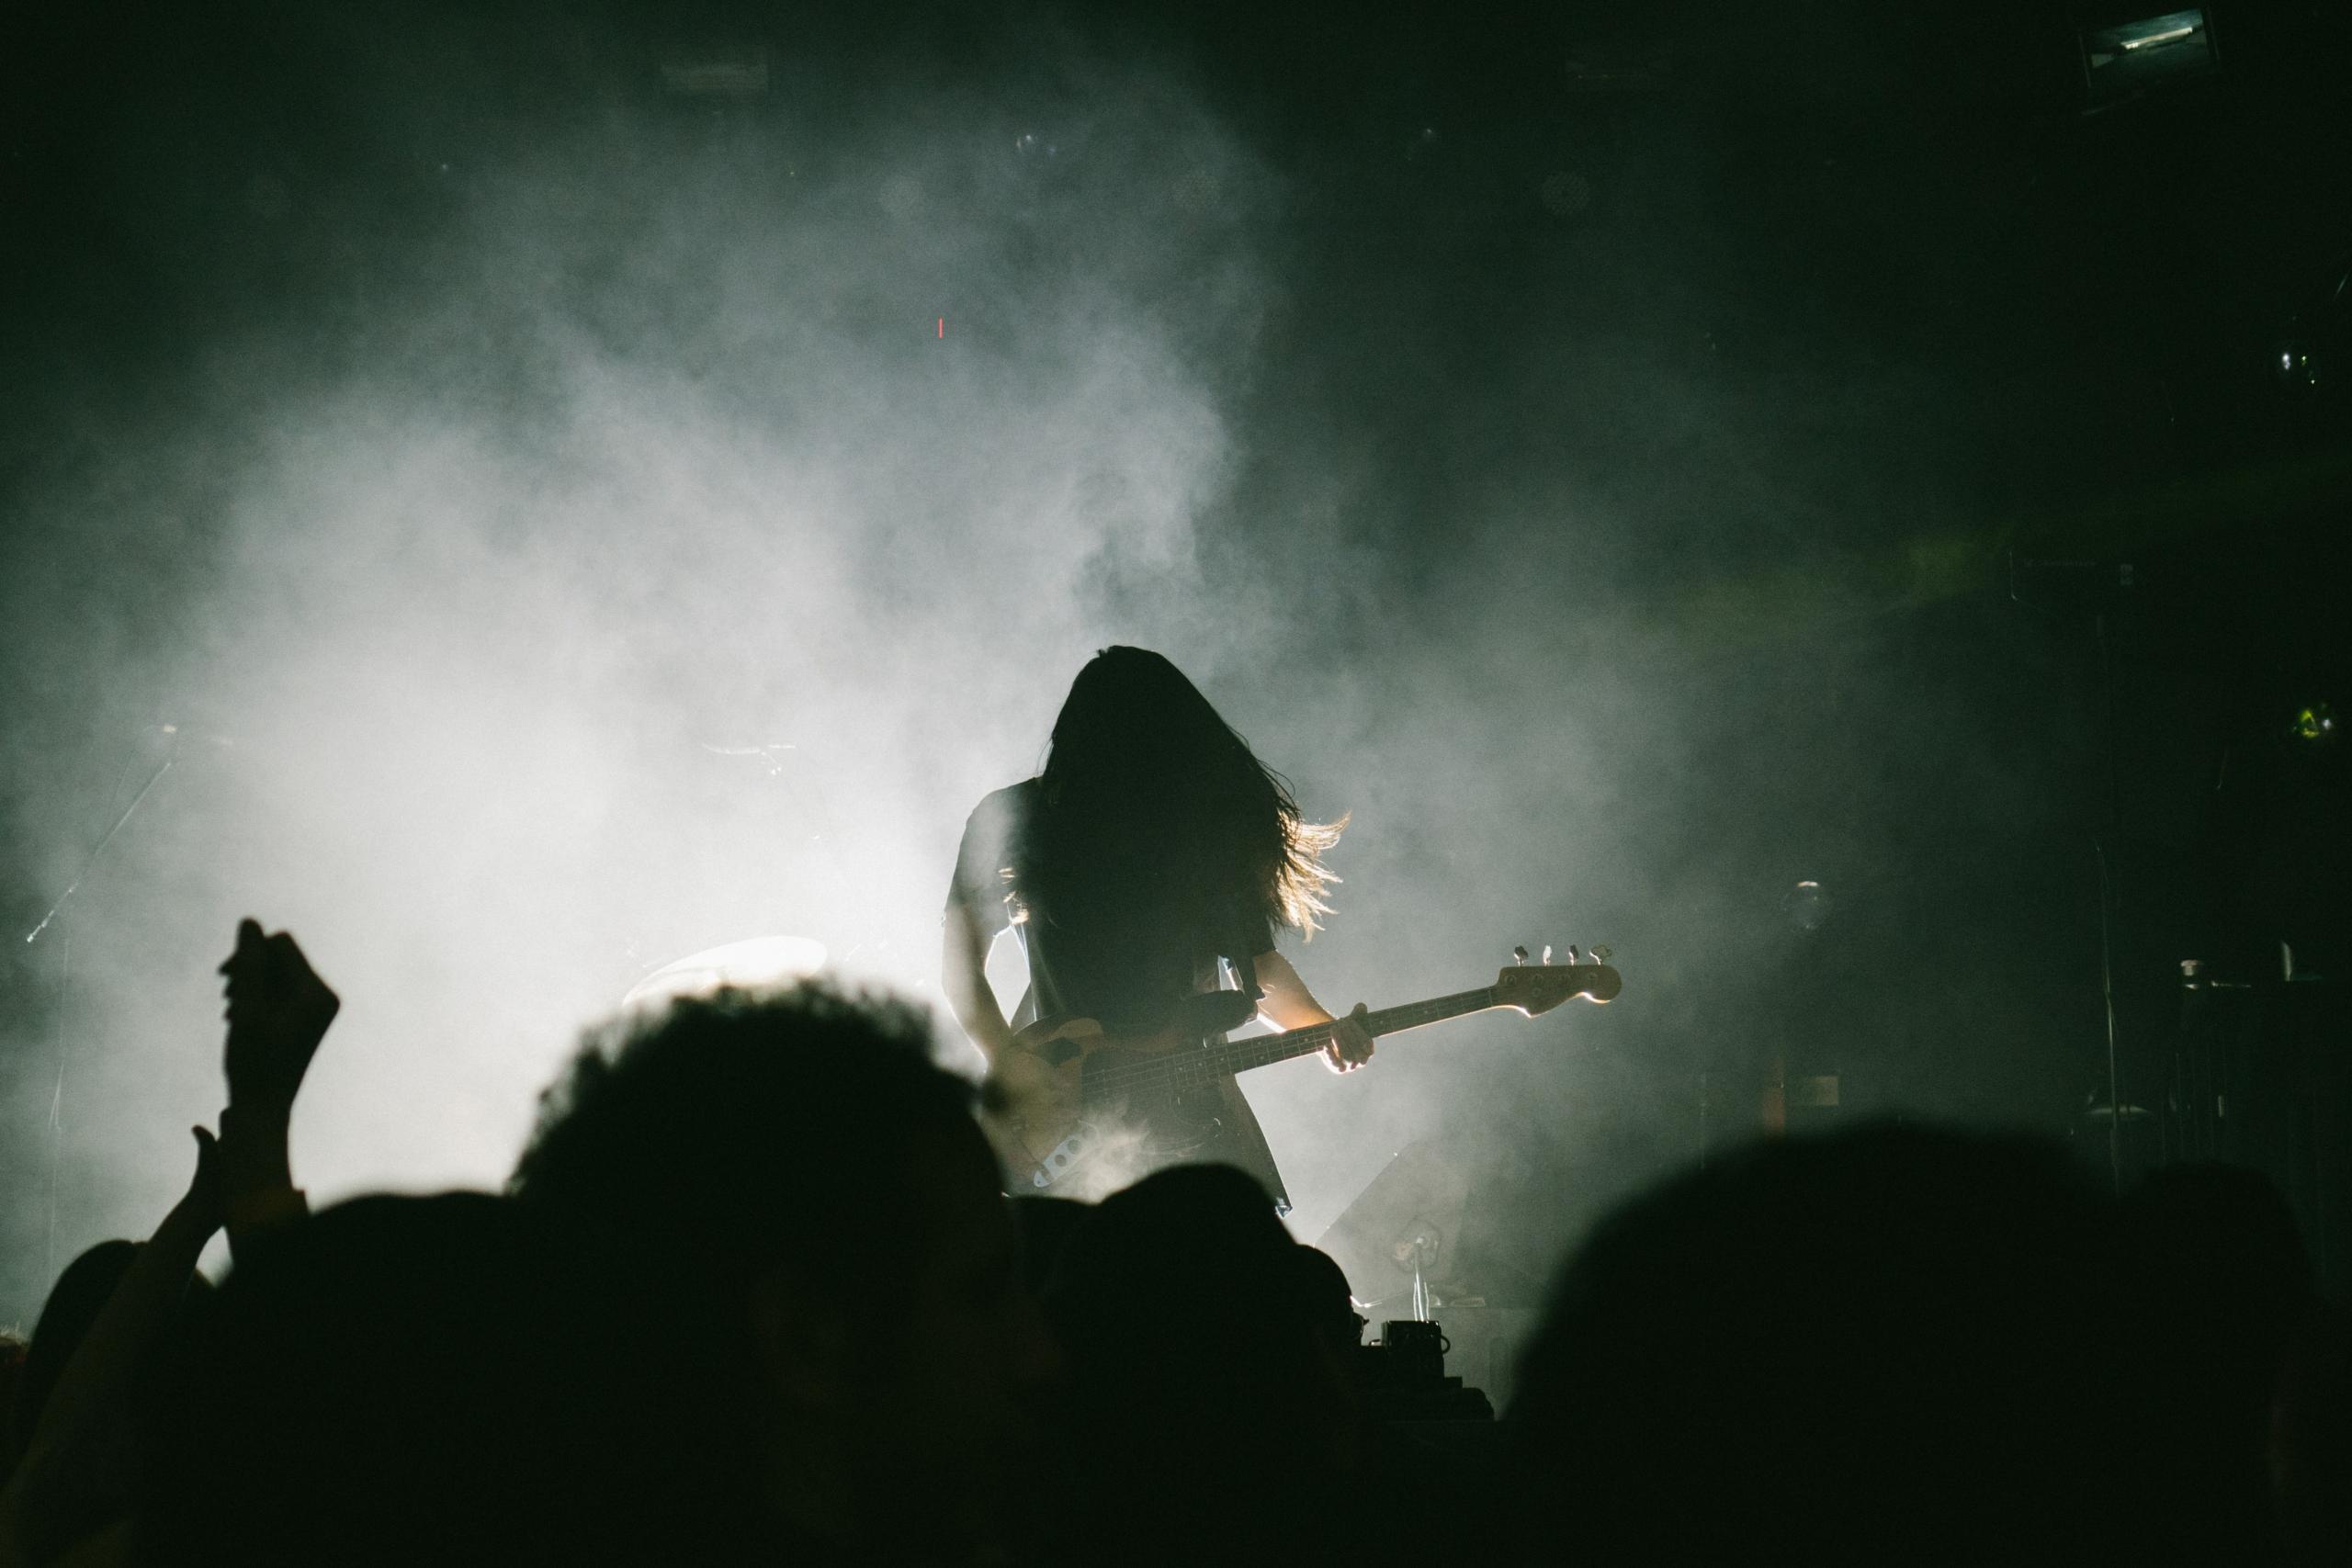 Jak dobrze znasz historię i twórczość zespołu Black Sabbath?